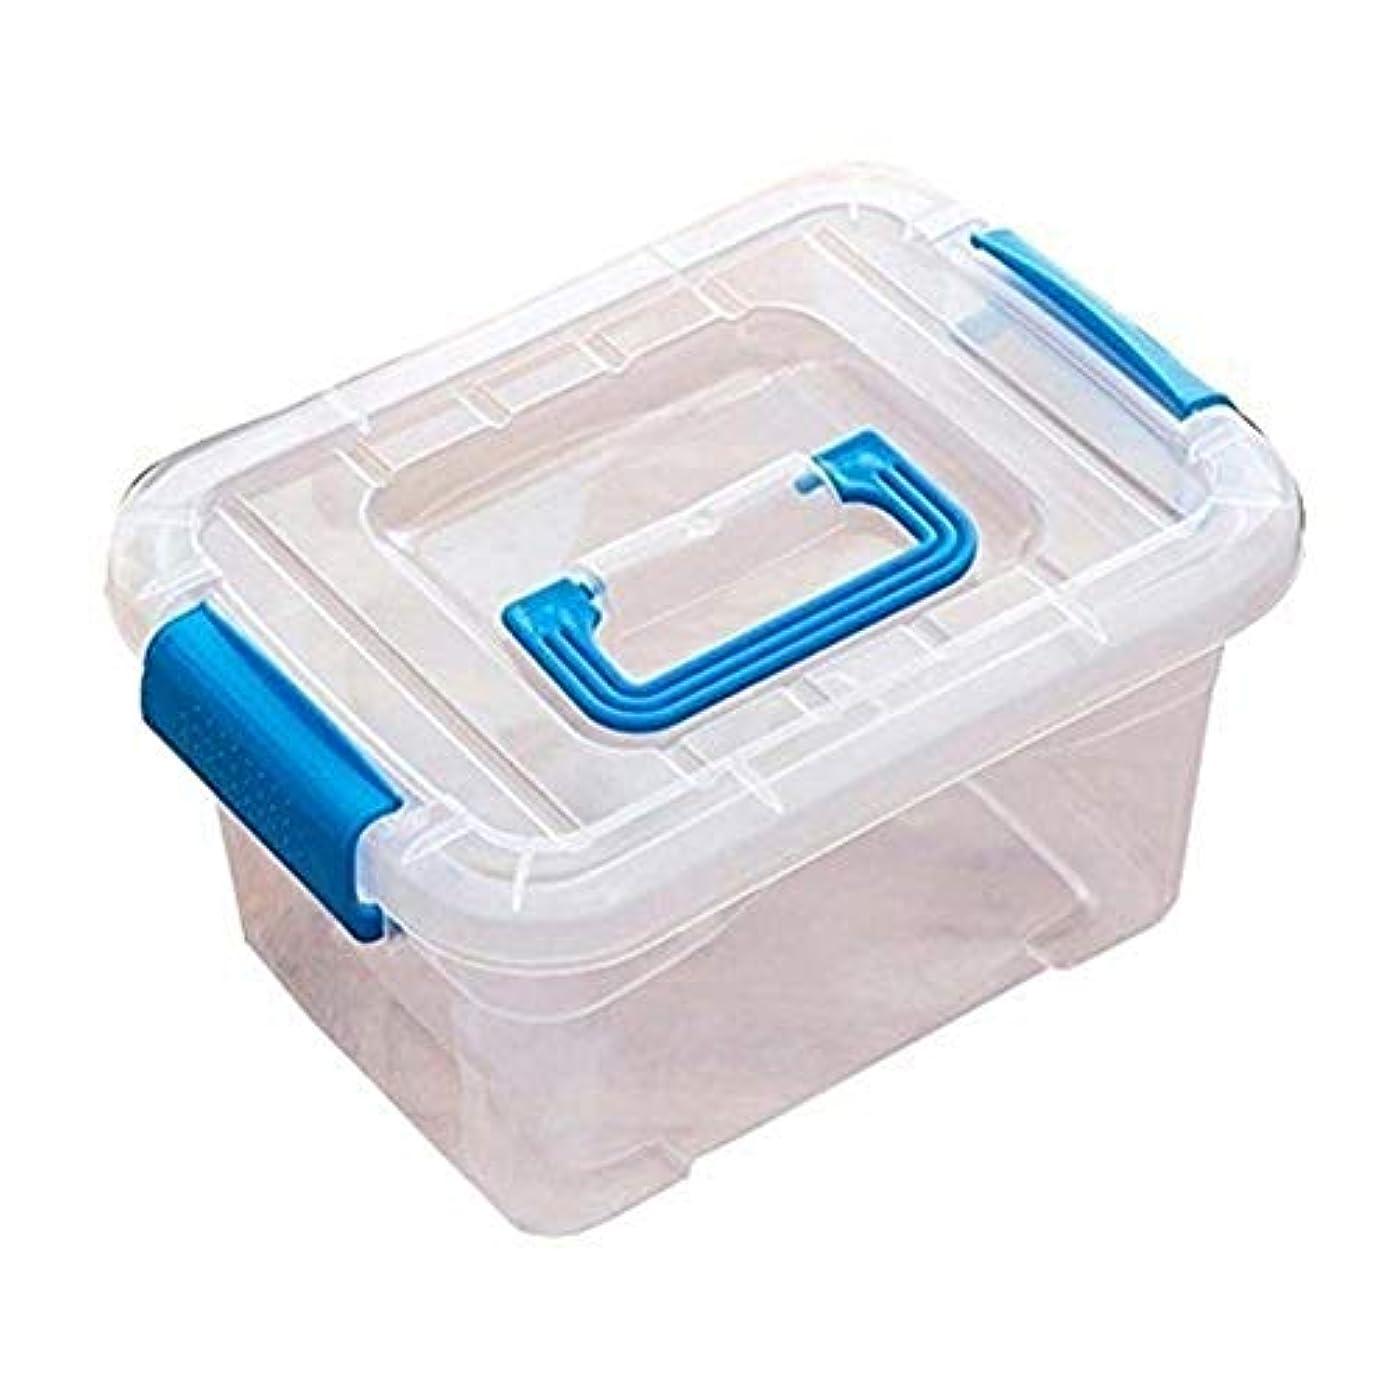 従事したチャンバー太字JJJJD クリエイティブポータブル収納ボックス医学キット旅行医療ボックス